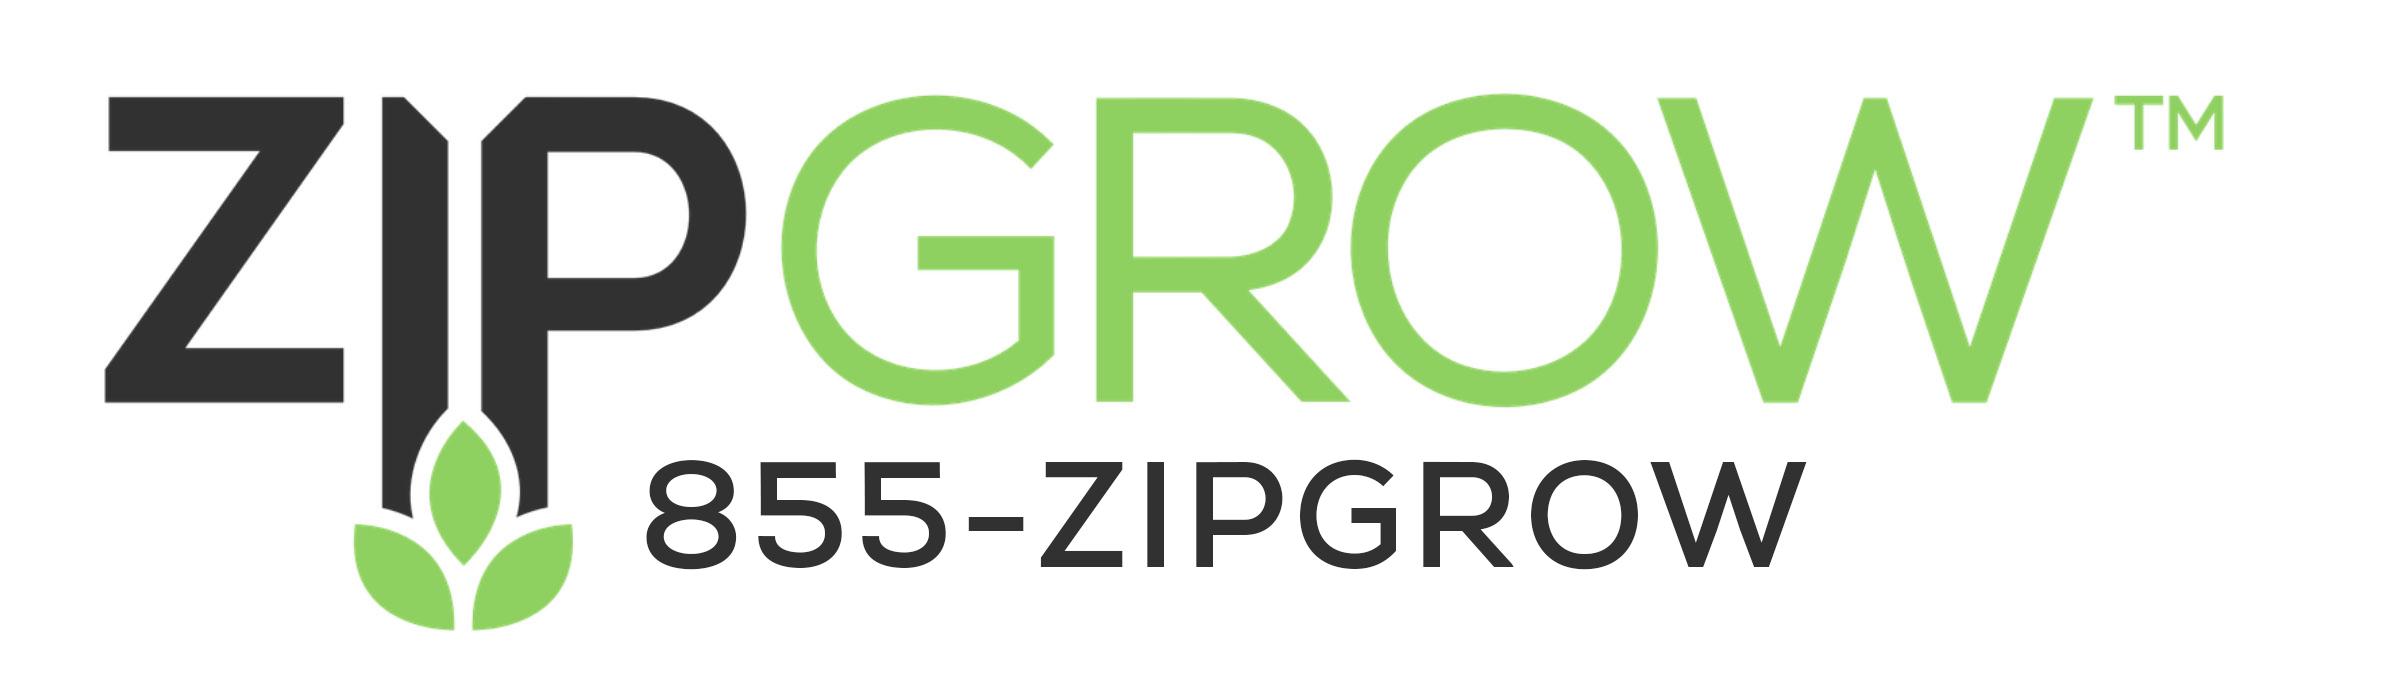 zipgrow-logo-large-phone.png